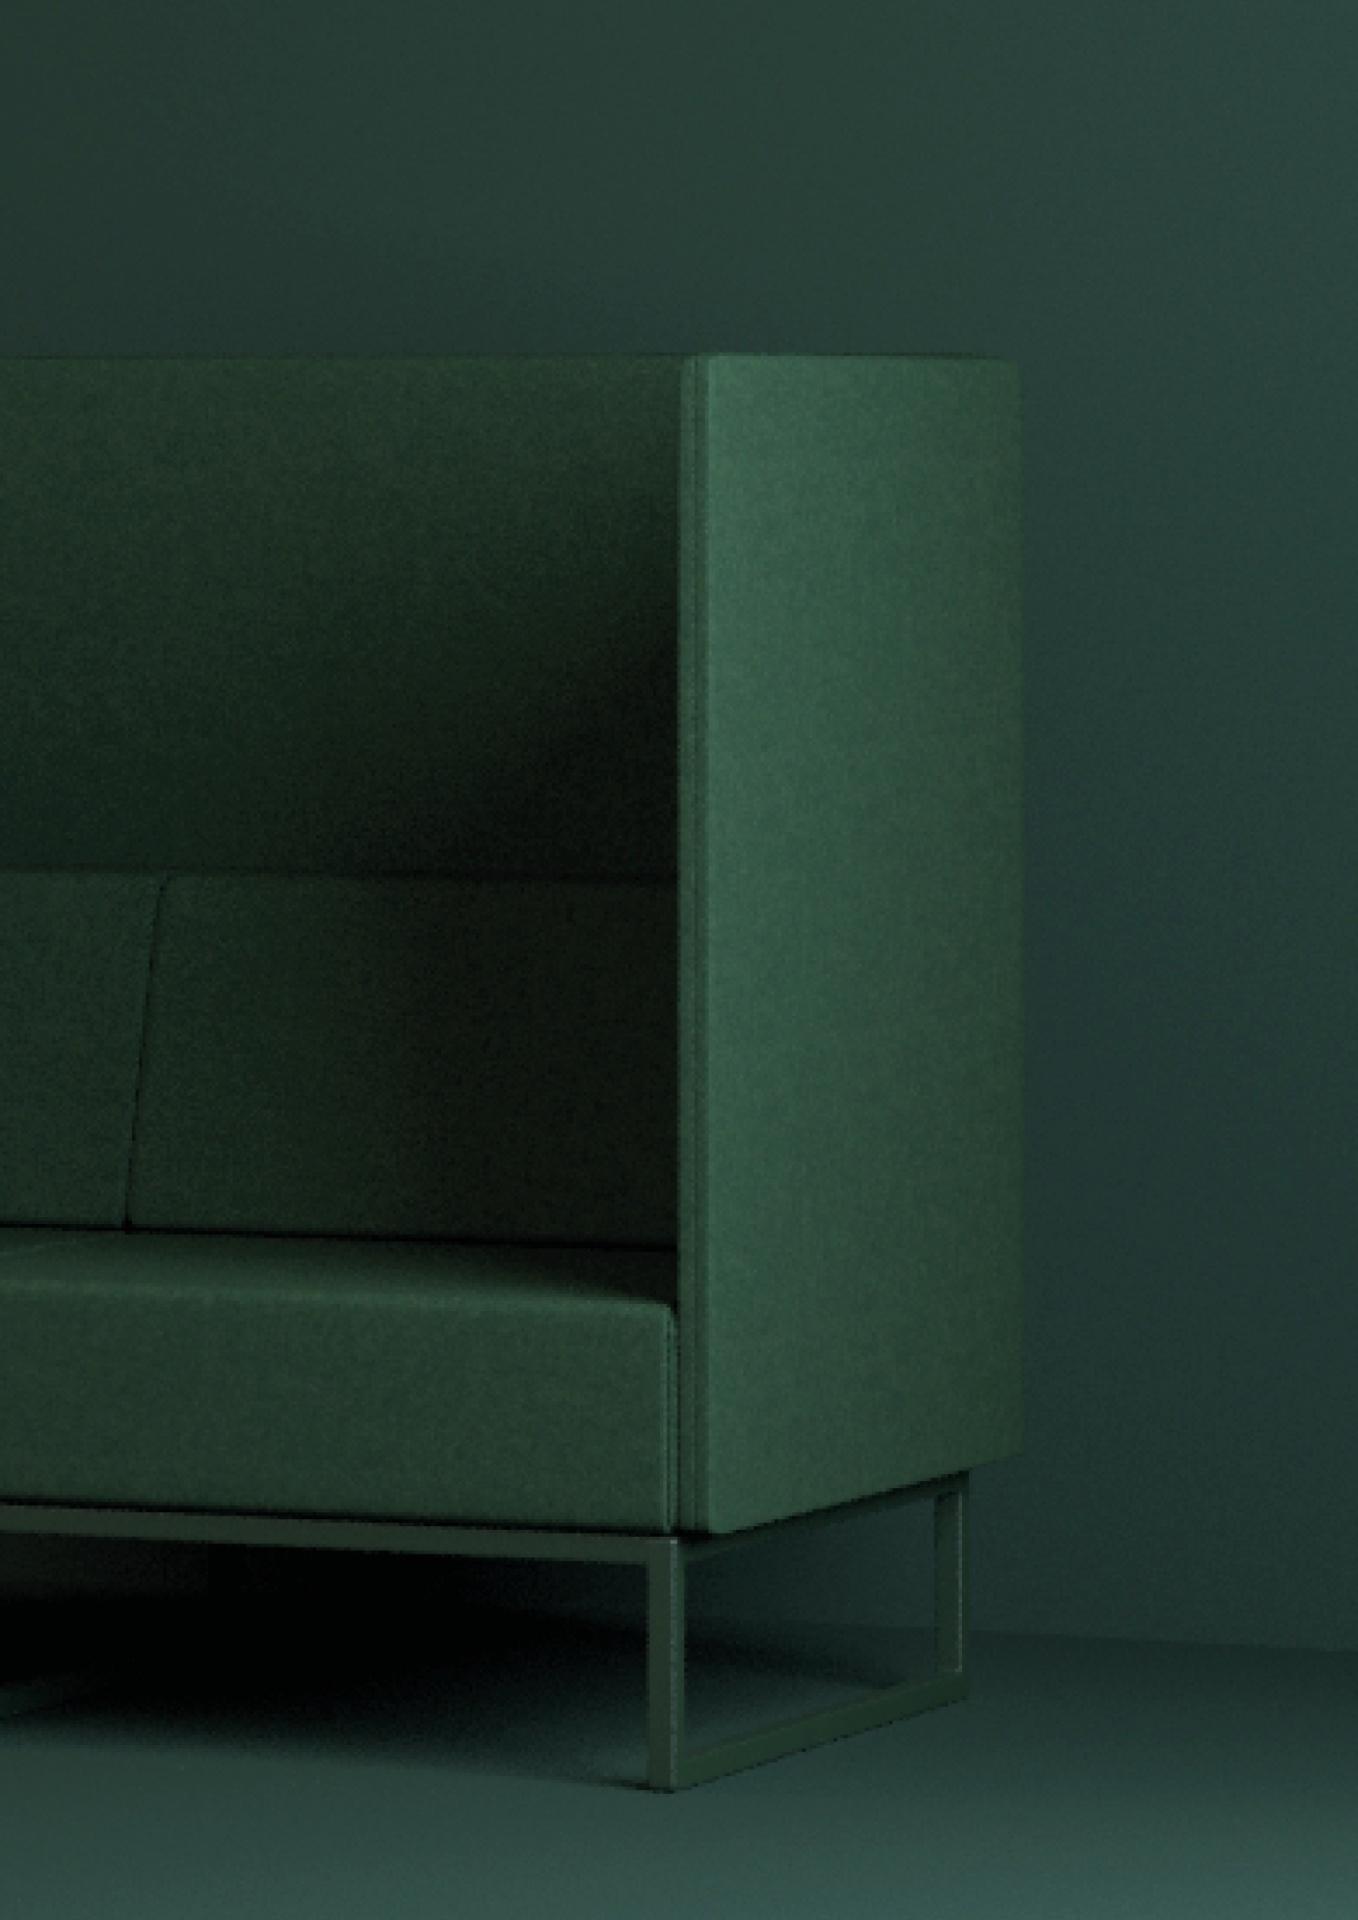 plint-catalogue-v2-35.jpg